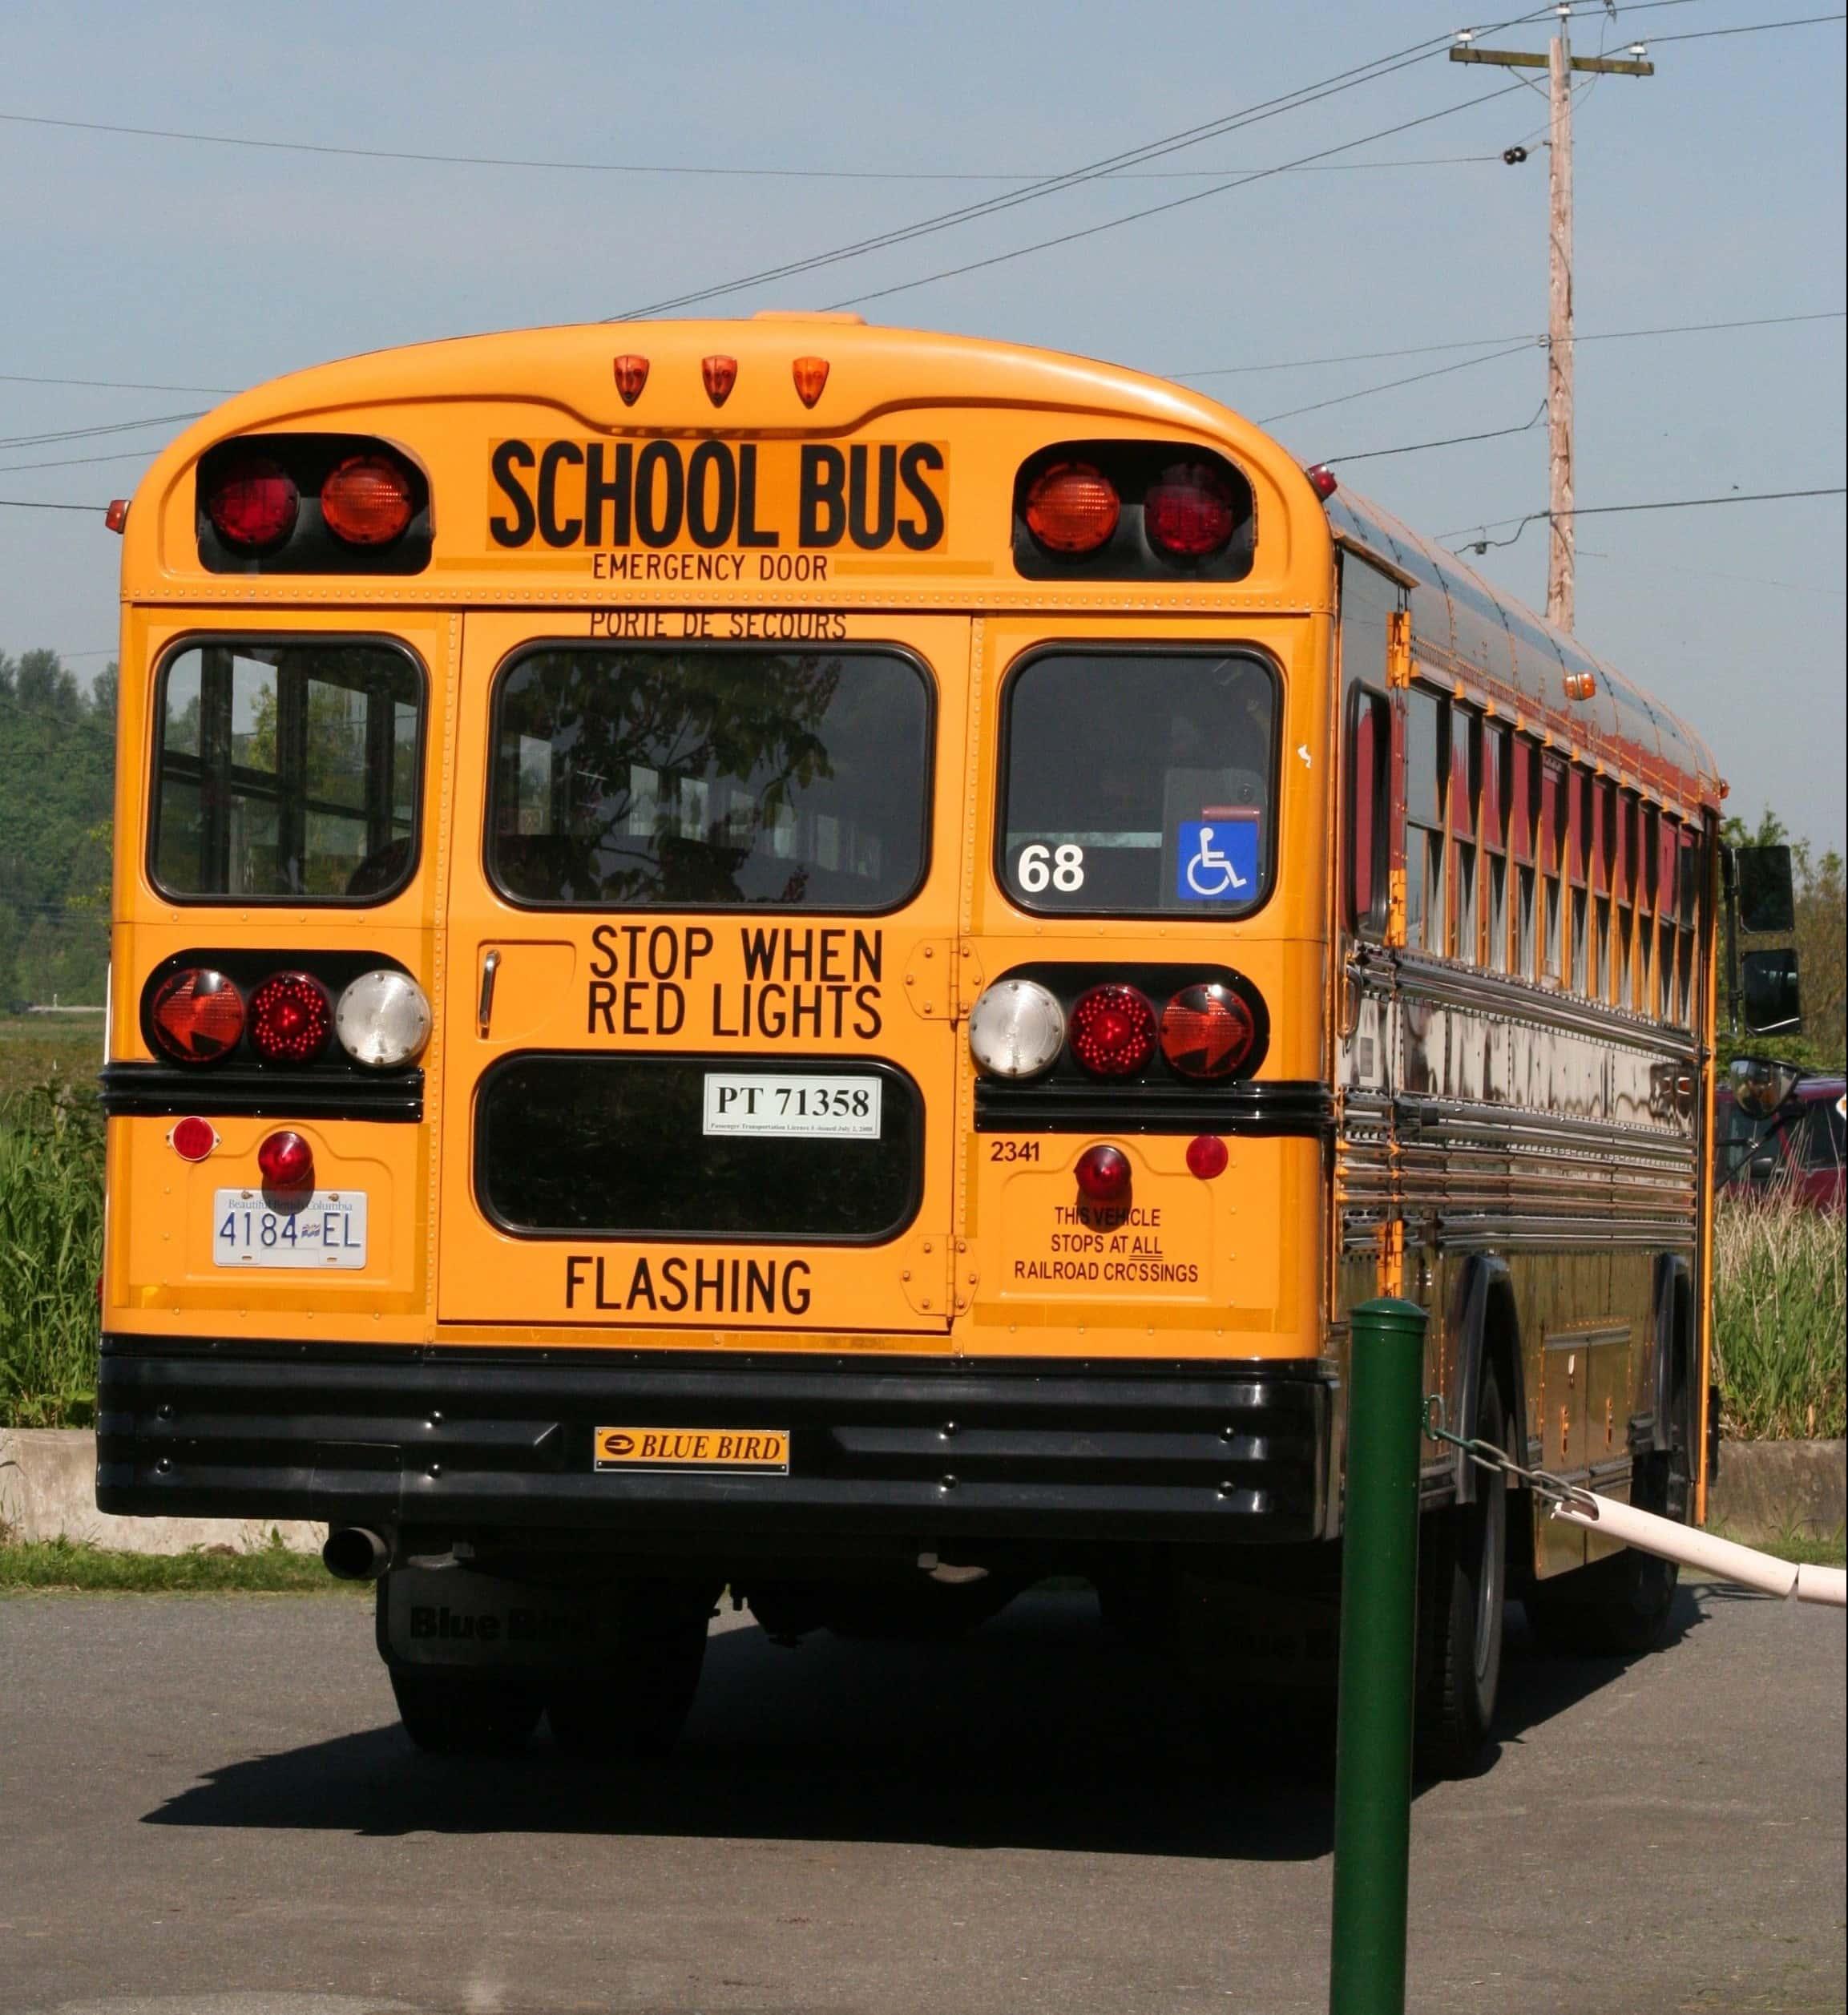 school-bus-generic-e1463176533923